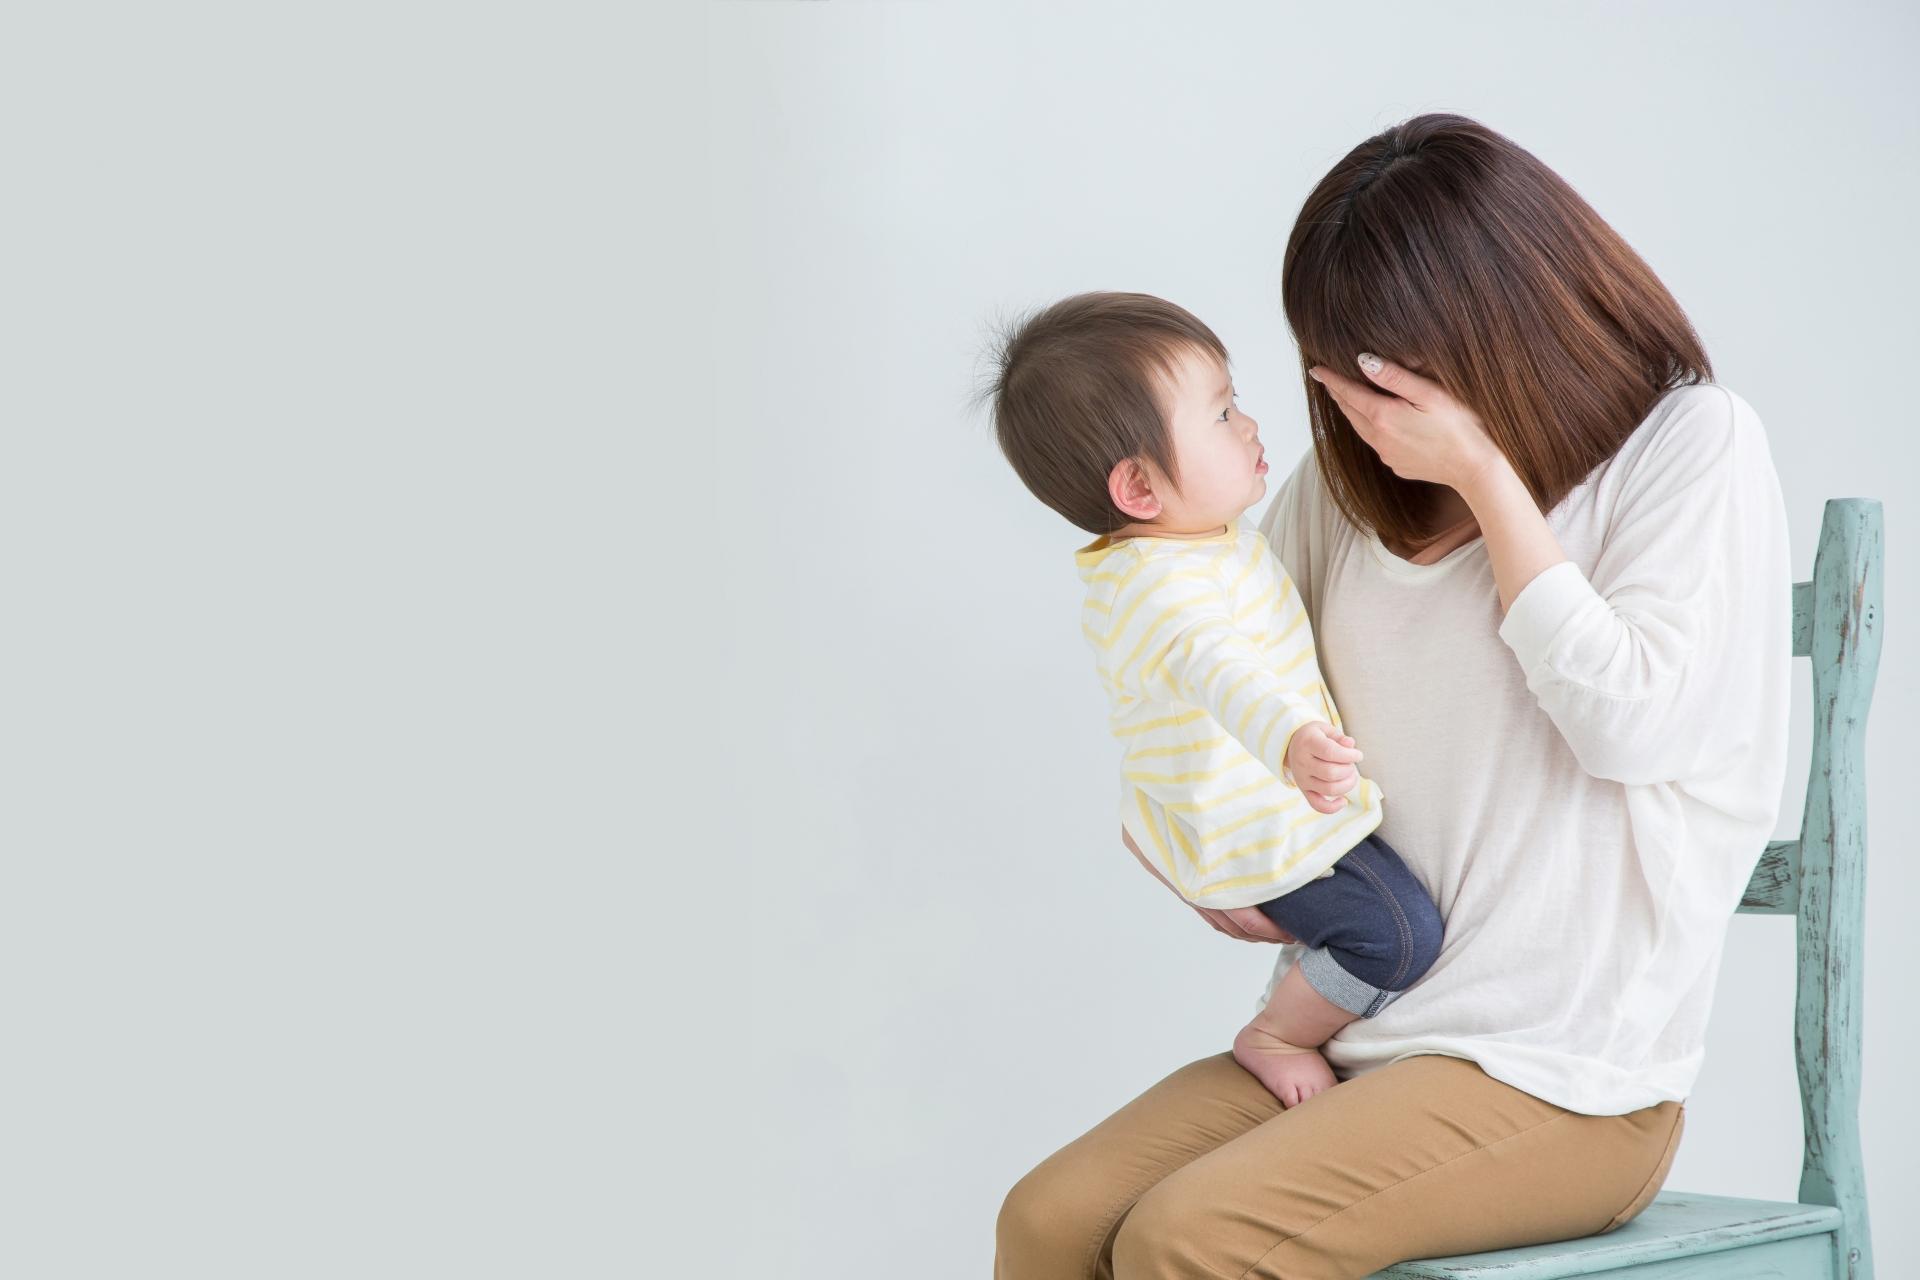 座って赤ちゃんを抱っこして泣いている女性